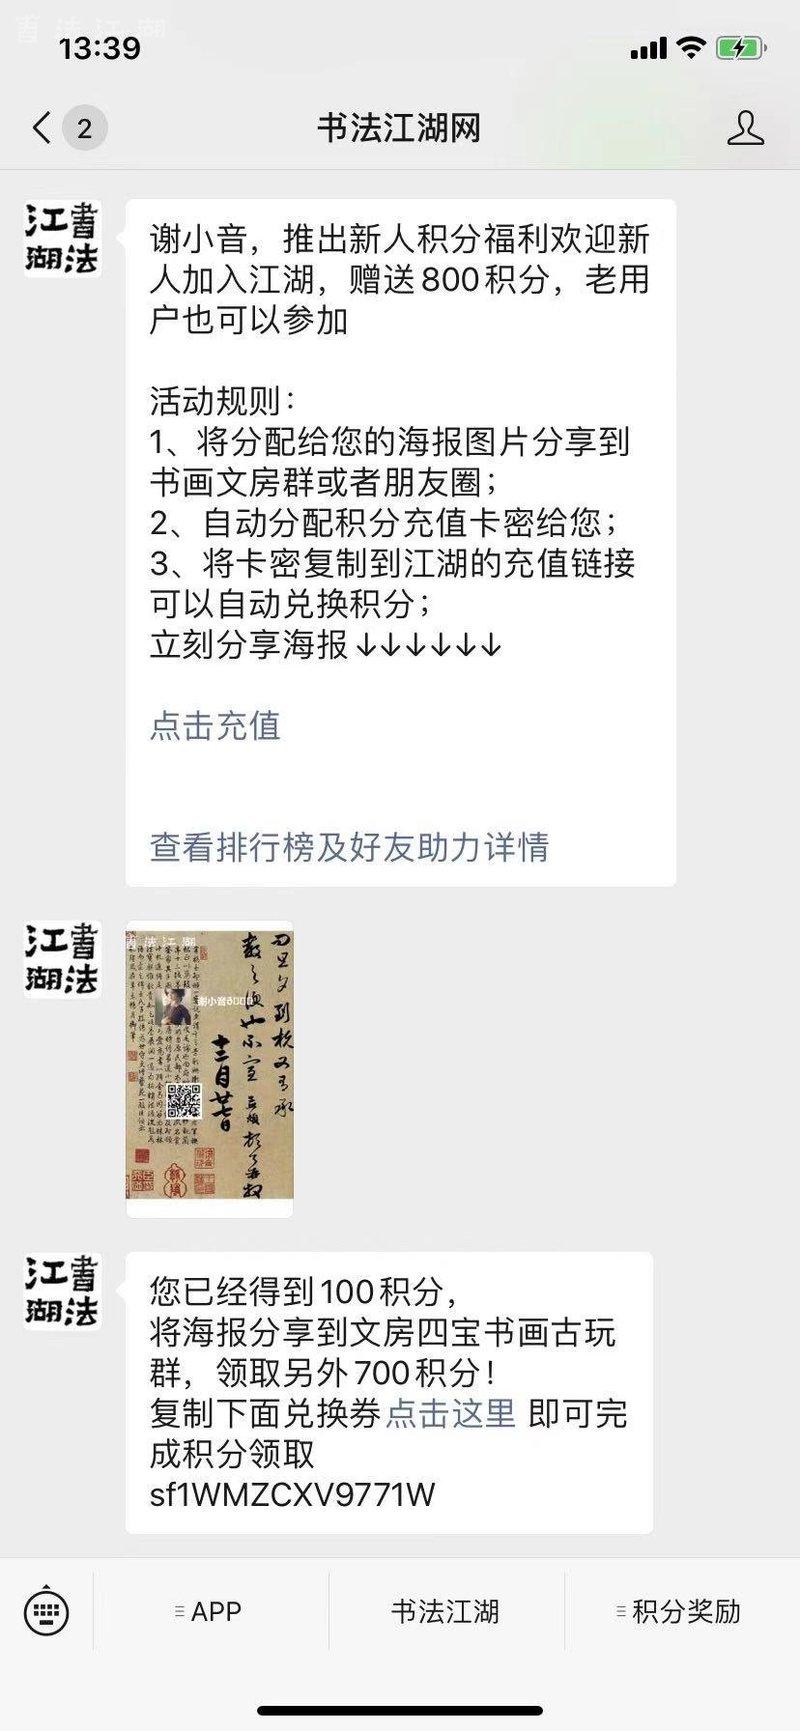 书法江湖网_20201212_134040.jpg